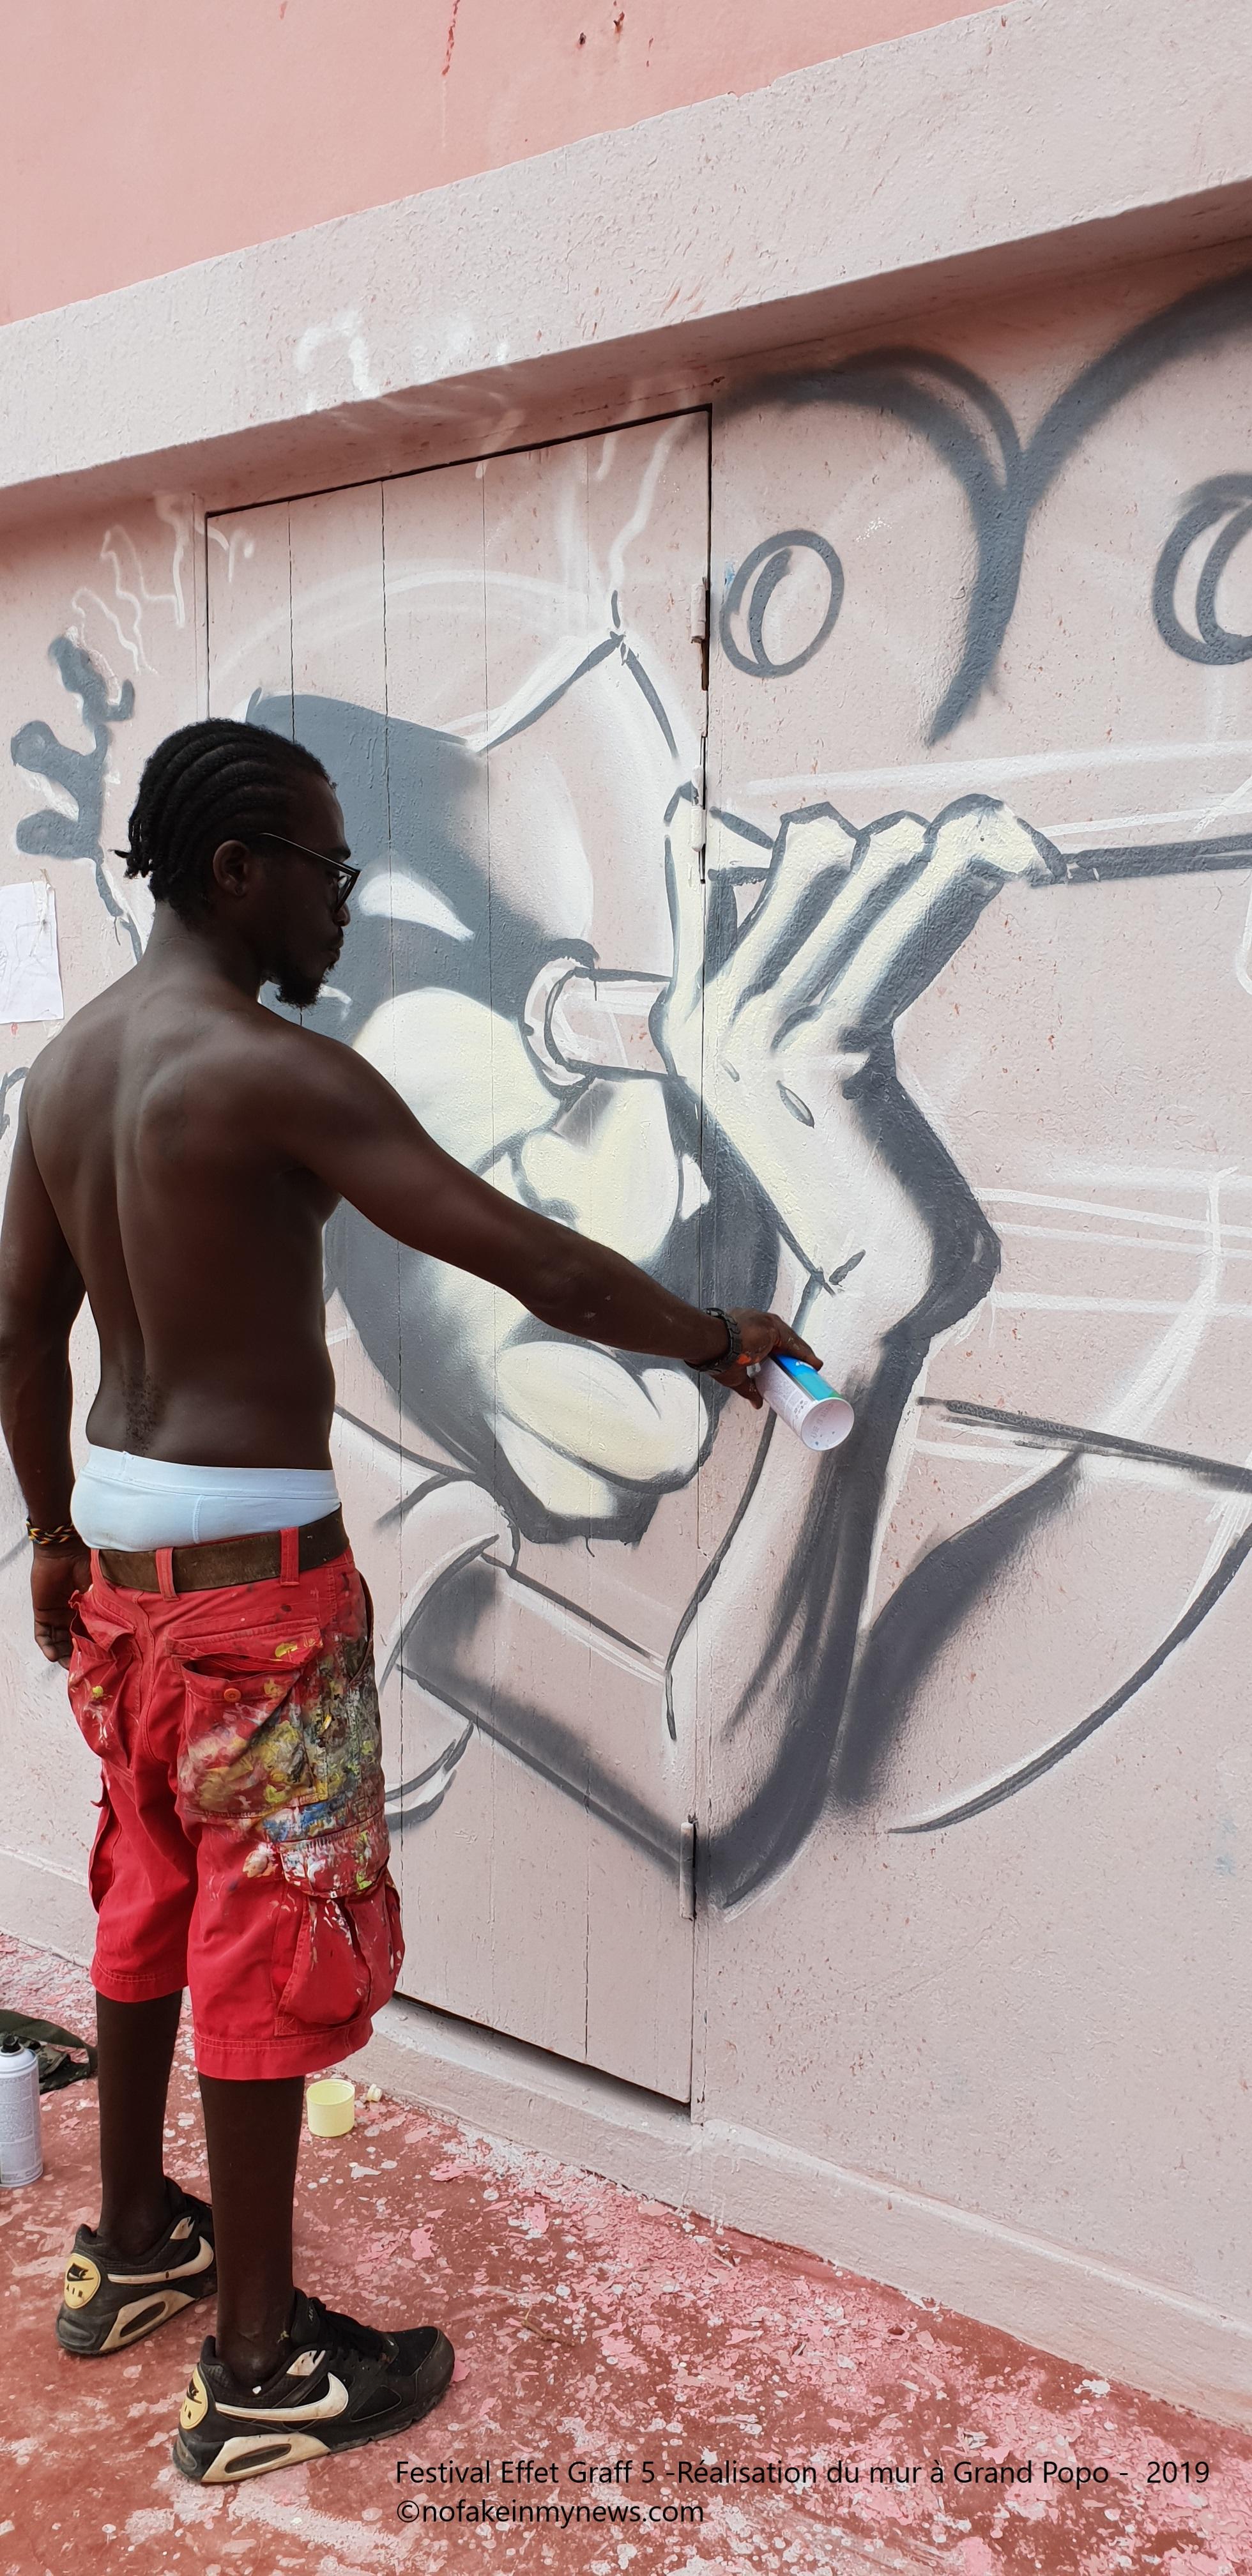 Festival Effet Graff 5 -Réalisation du mur à Grand Popo - 2019 - ©nofakeinmynews